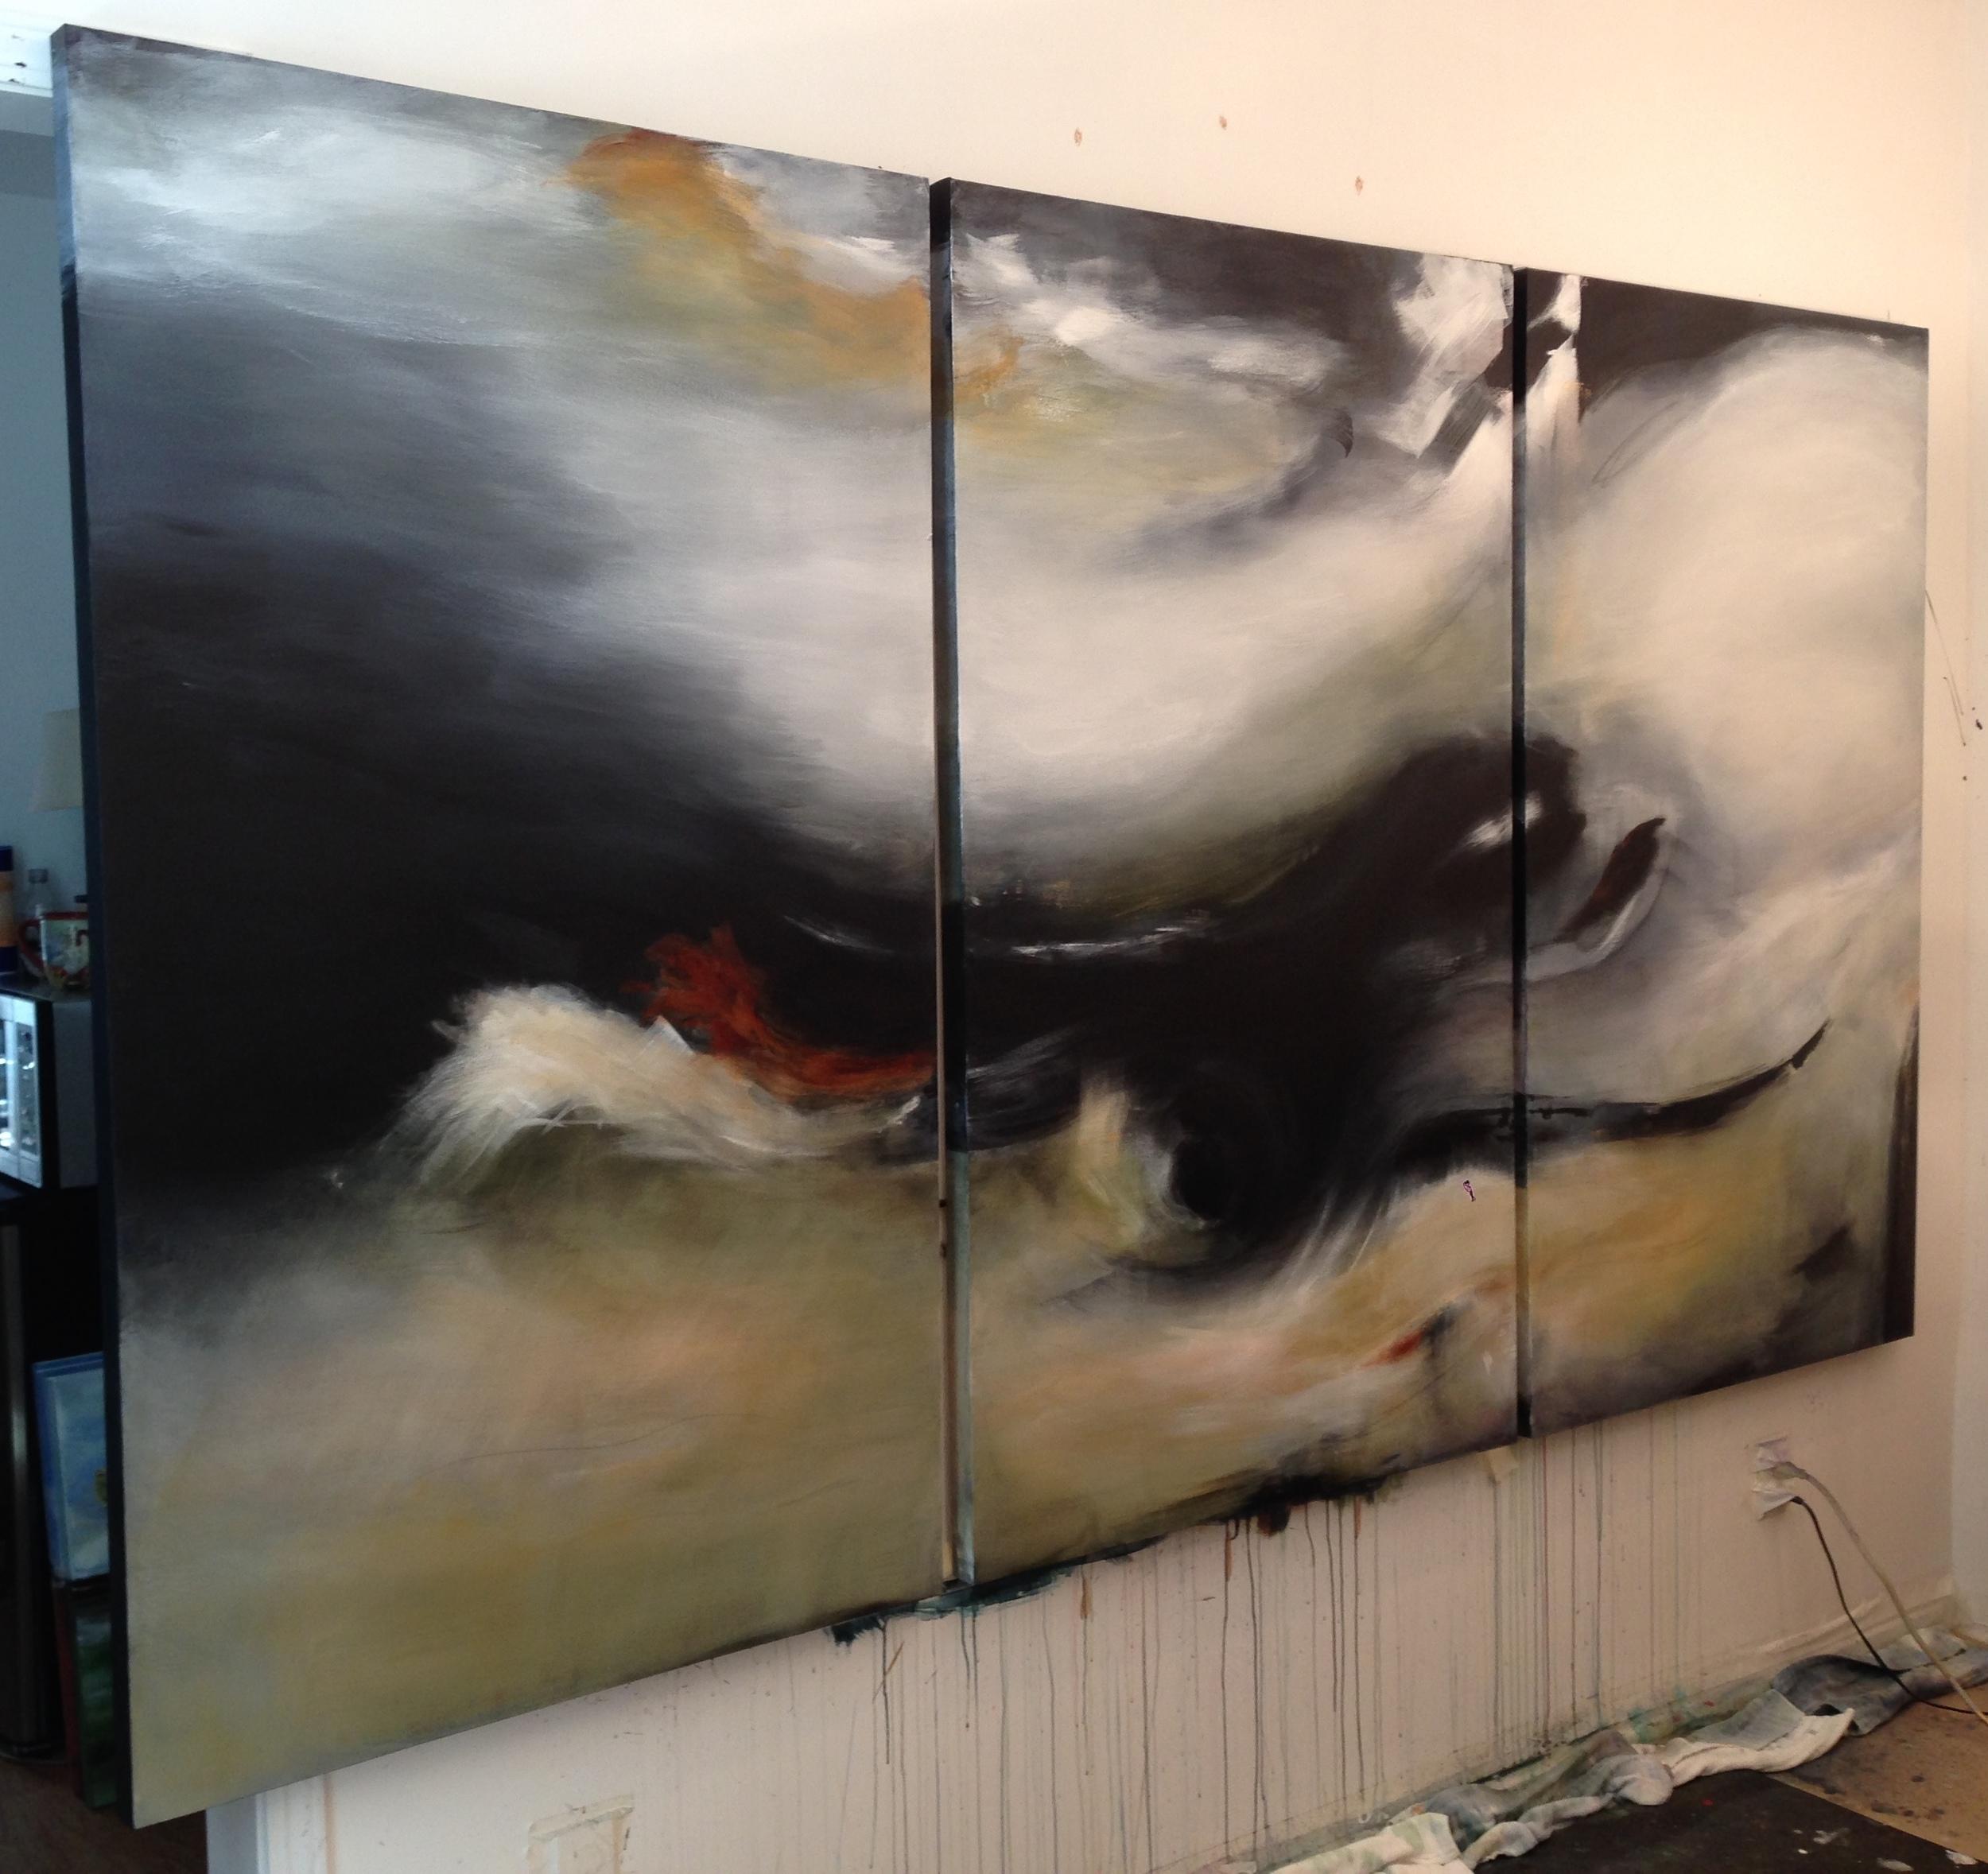 Rhapsody - studio in process  triptych 60 x 96 x 1.5 inches  Commission - Coronado CA